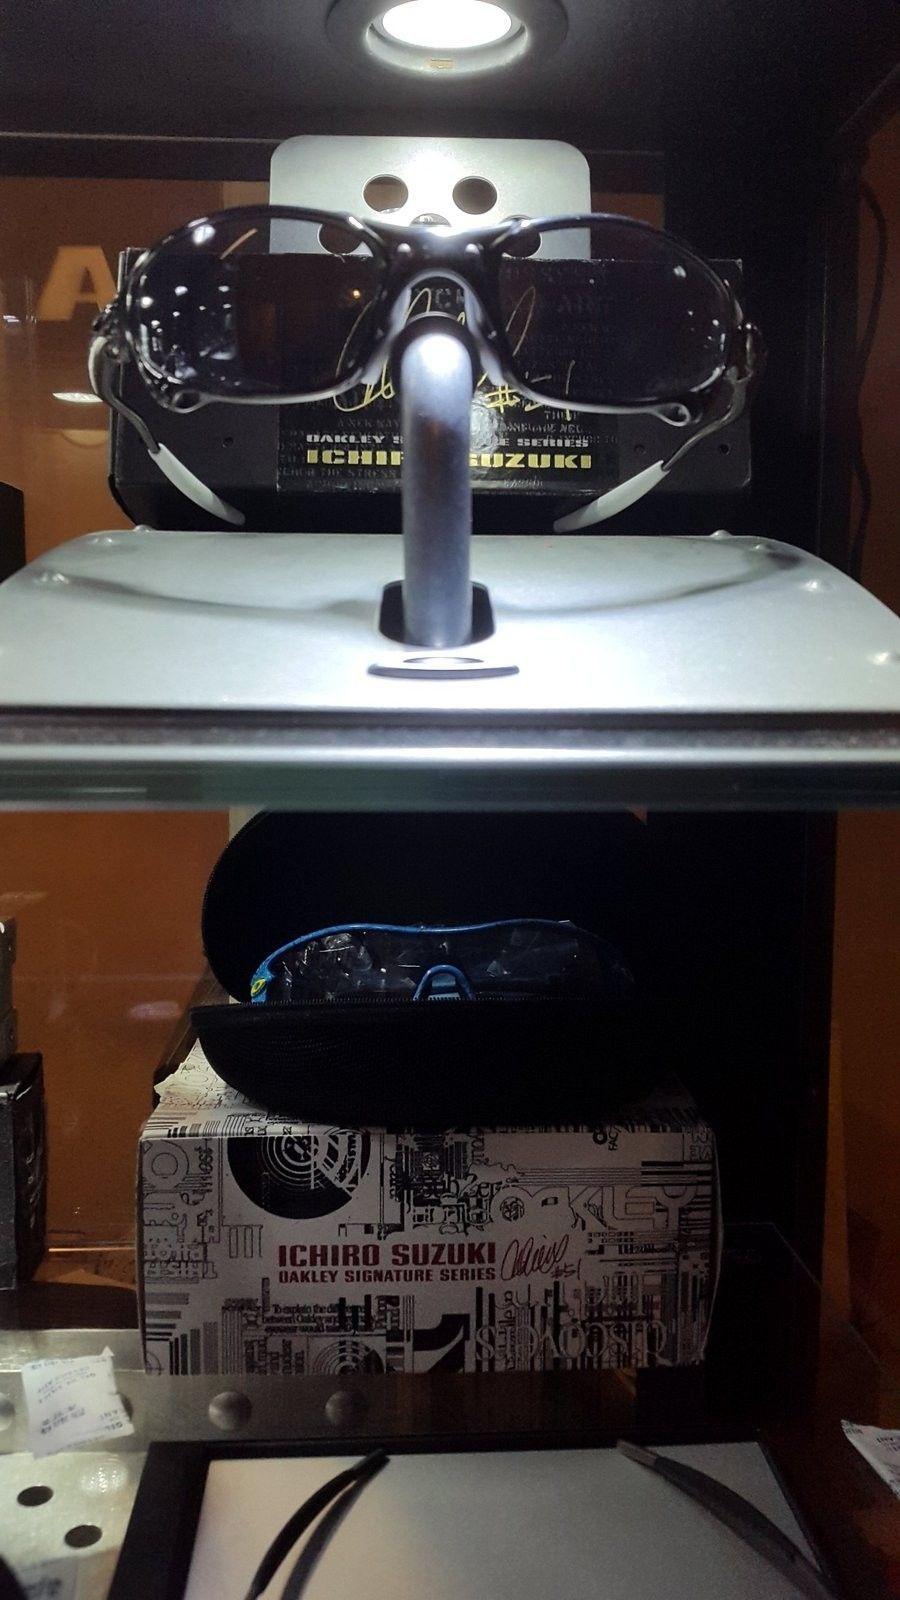 The Ichiro's - FB_IMG_1417170442082.jpg